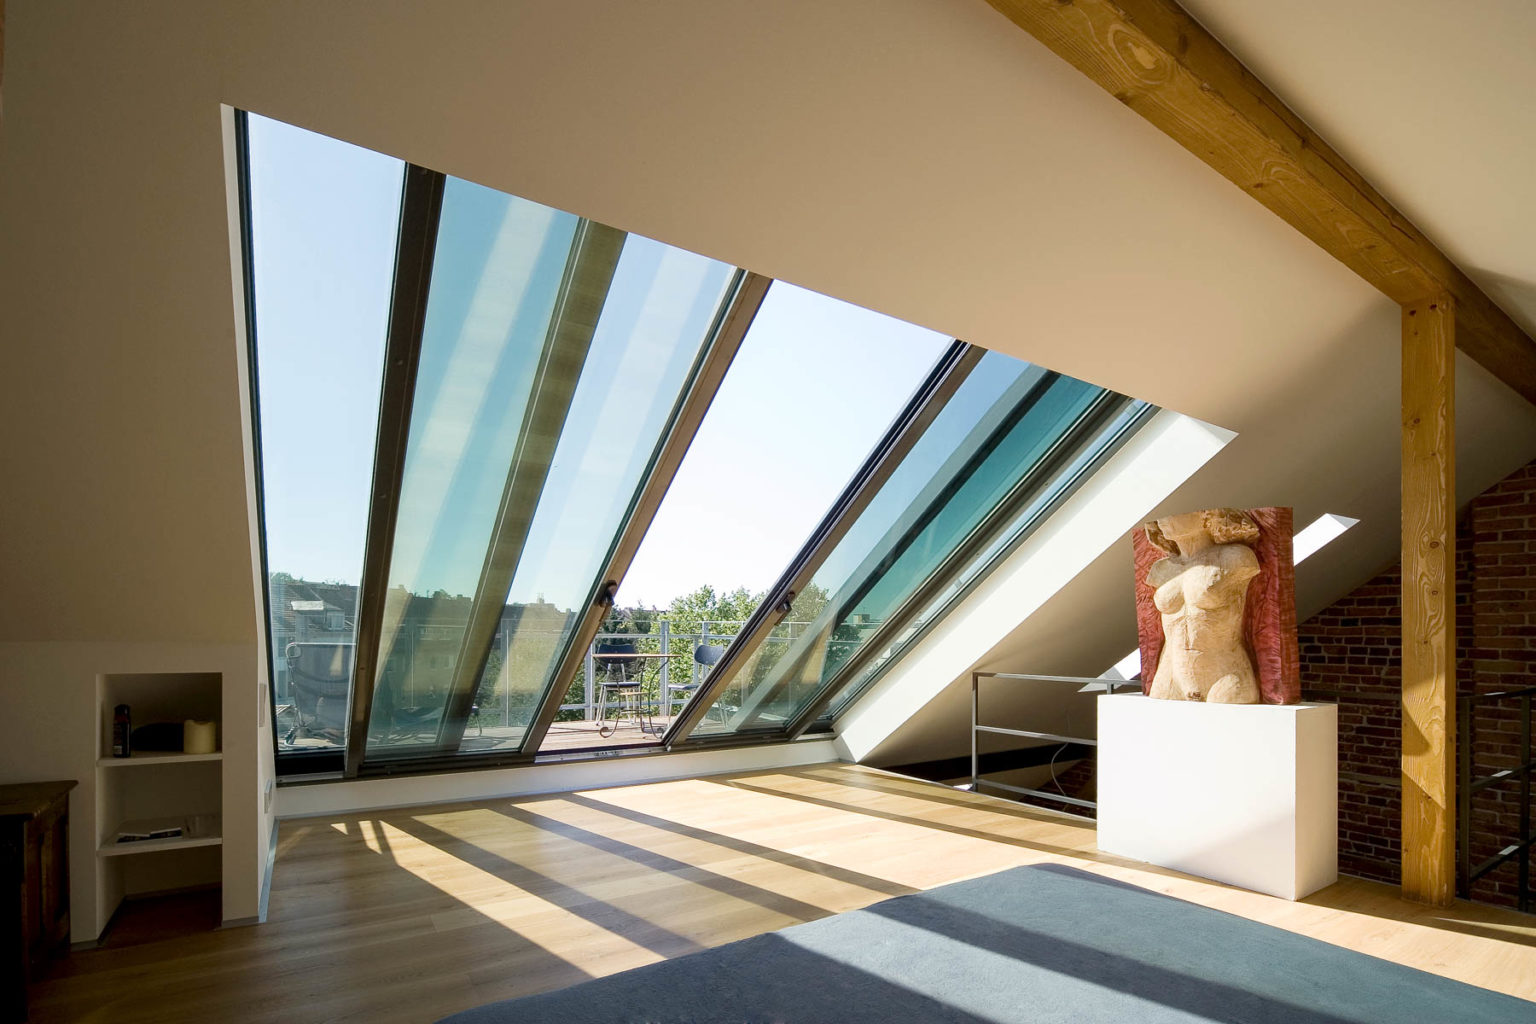 Panorama Dachschiebefenster in Darmstadt (Objekt 983). Licht, Luft und anspechende Arbeitsatmosphäre in Darmstädter Künsterleratelier durch 4-teiliges Panorama-AL-Dachschiebefenster (370 cm x 350 cm)